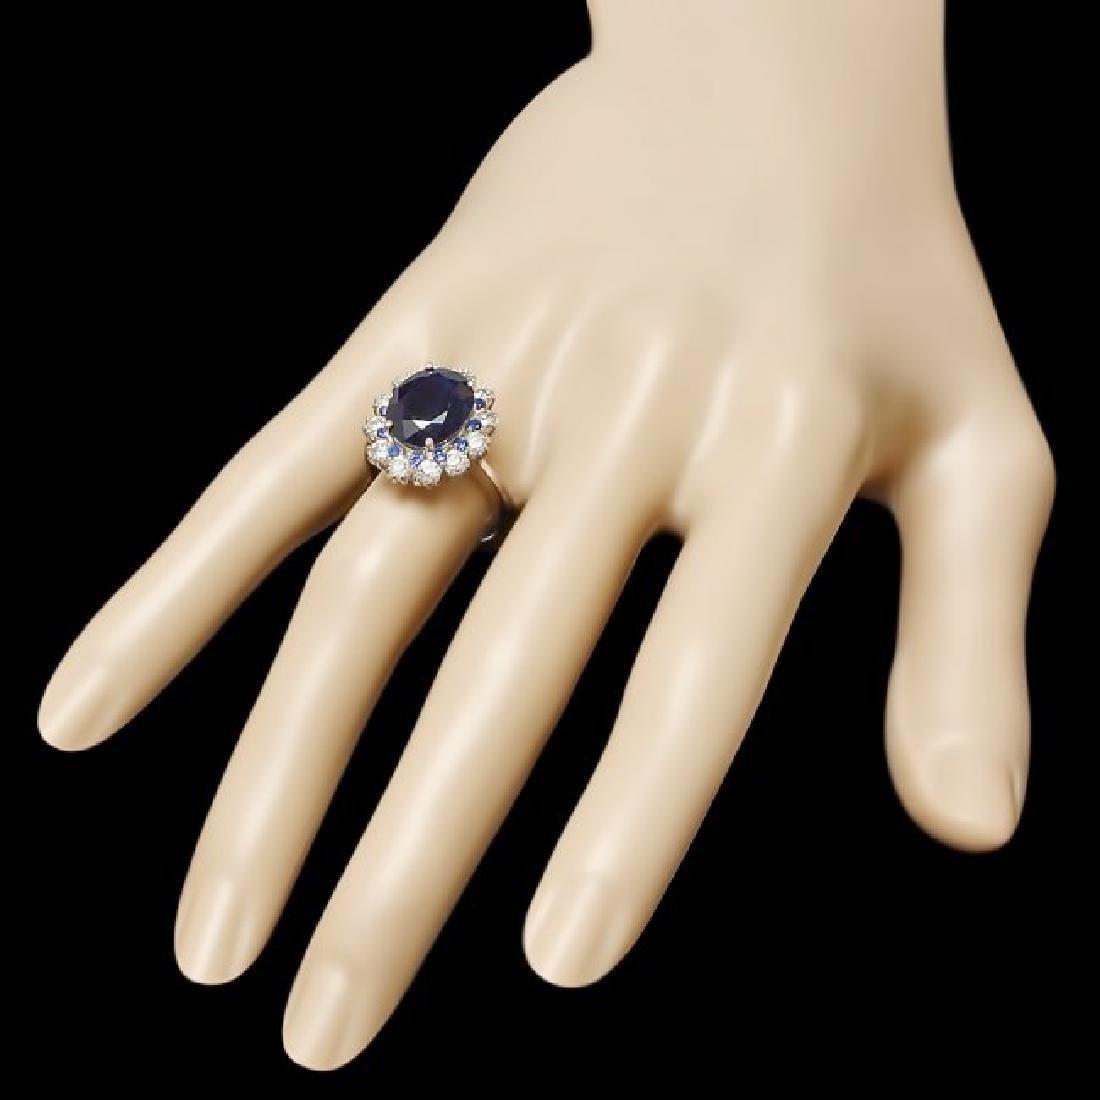 14k White Gold 6ct Sapphire 1.10ct Diamond Ring - 3